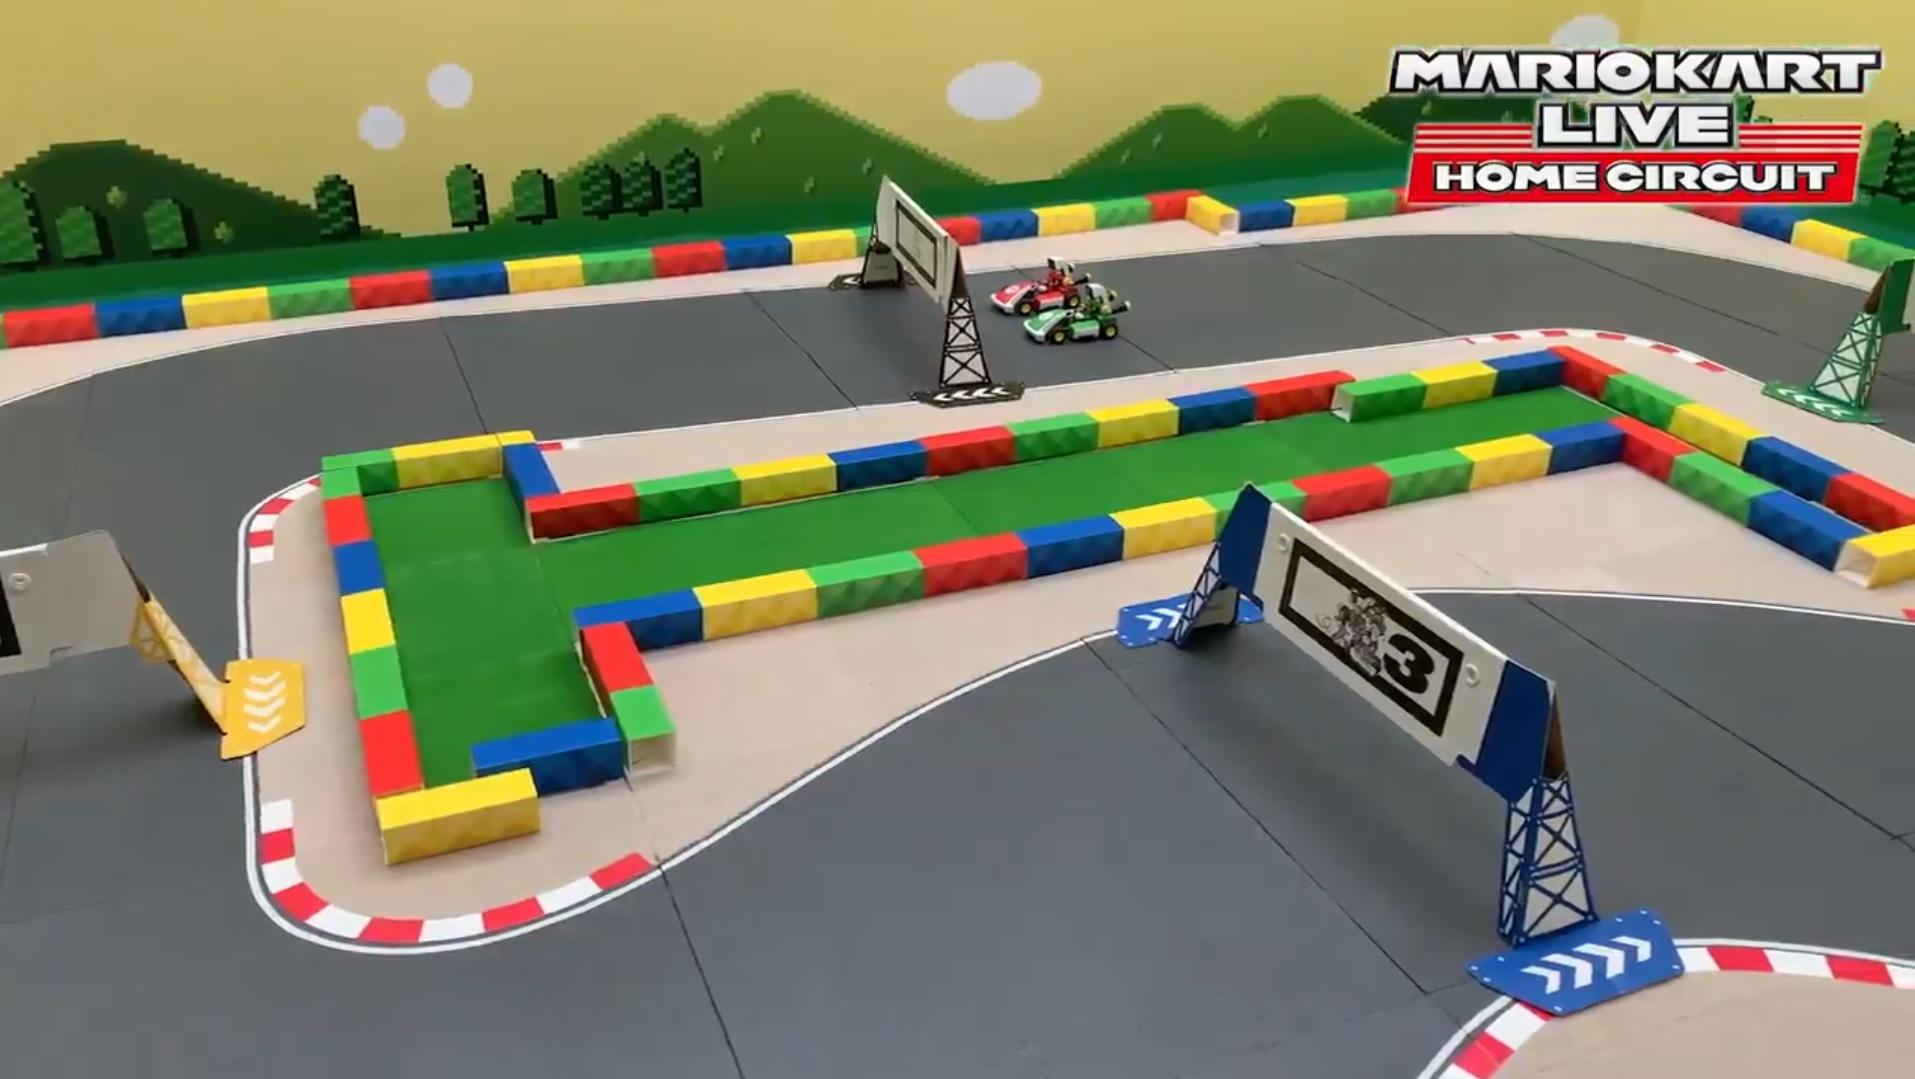 Here's some SNES Mario Kart inside Mario Kart Live: Home Circuit screenshot